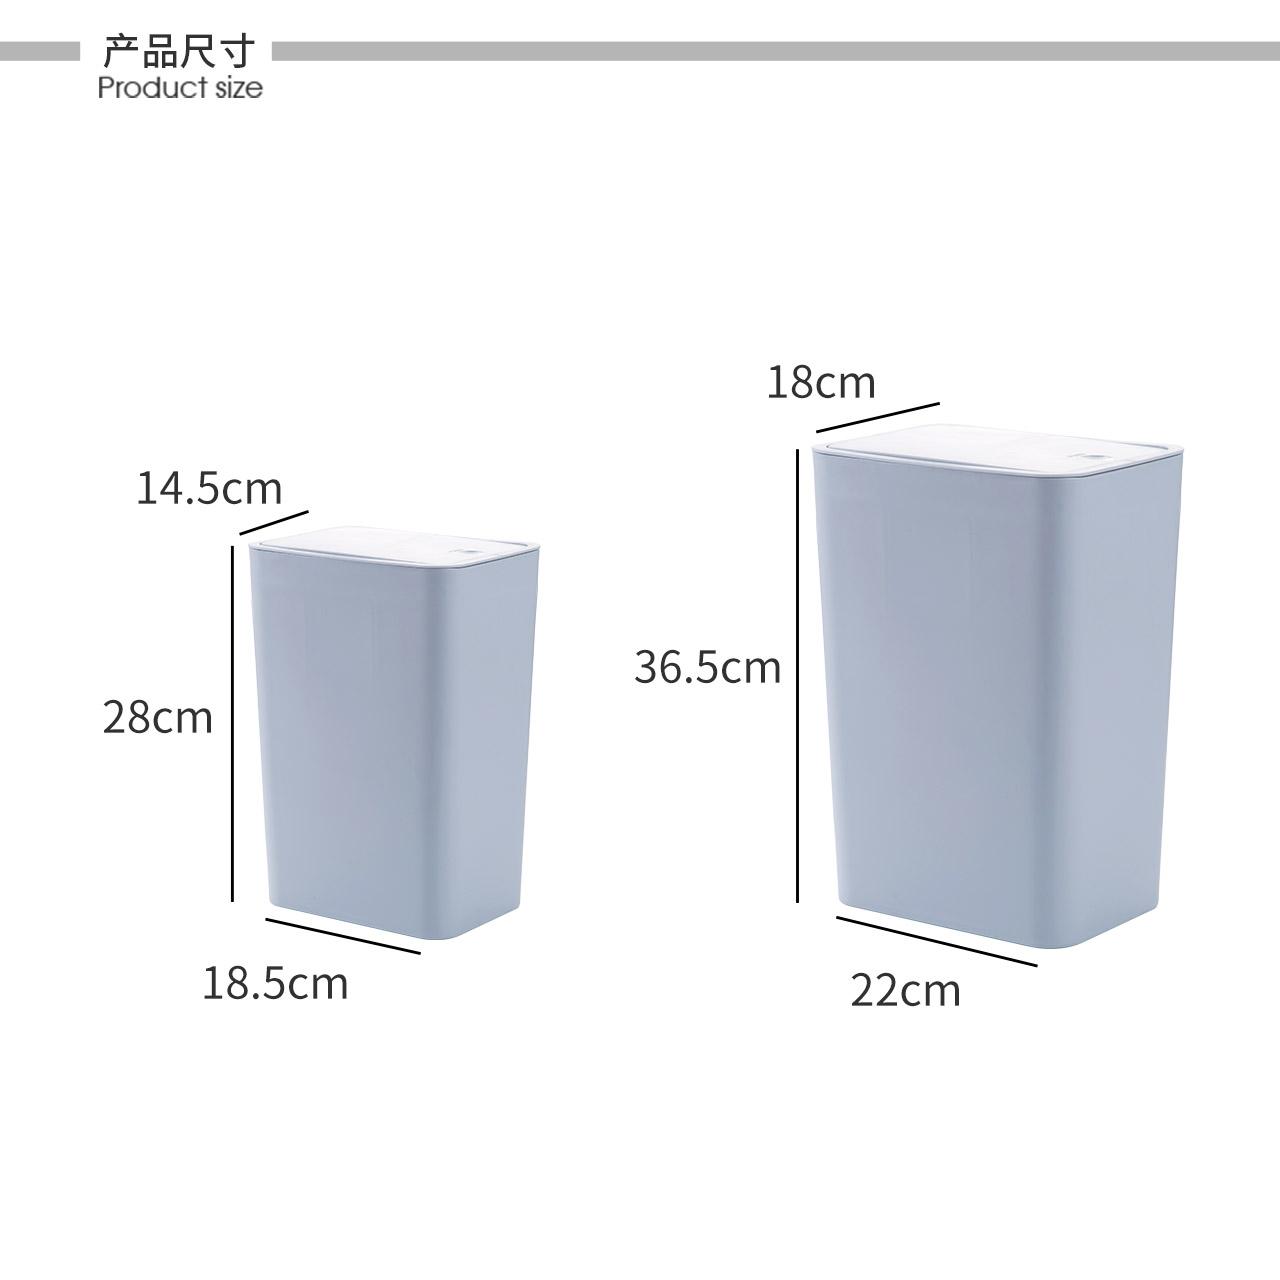 居家家按压弹盖垃圾桶家用夹缝窄纸篓客厅卧室卫生间带盖垃圾桶